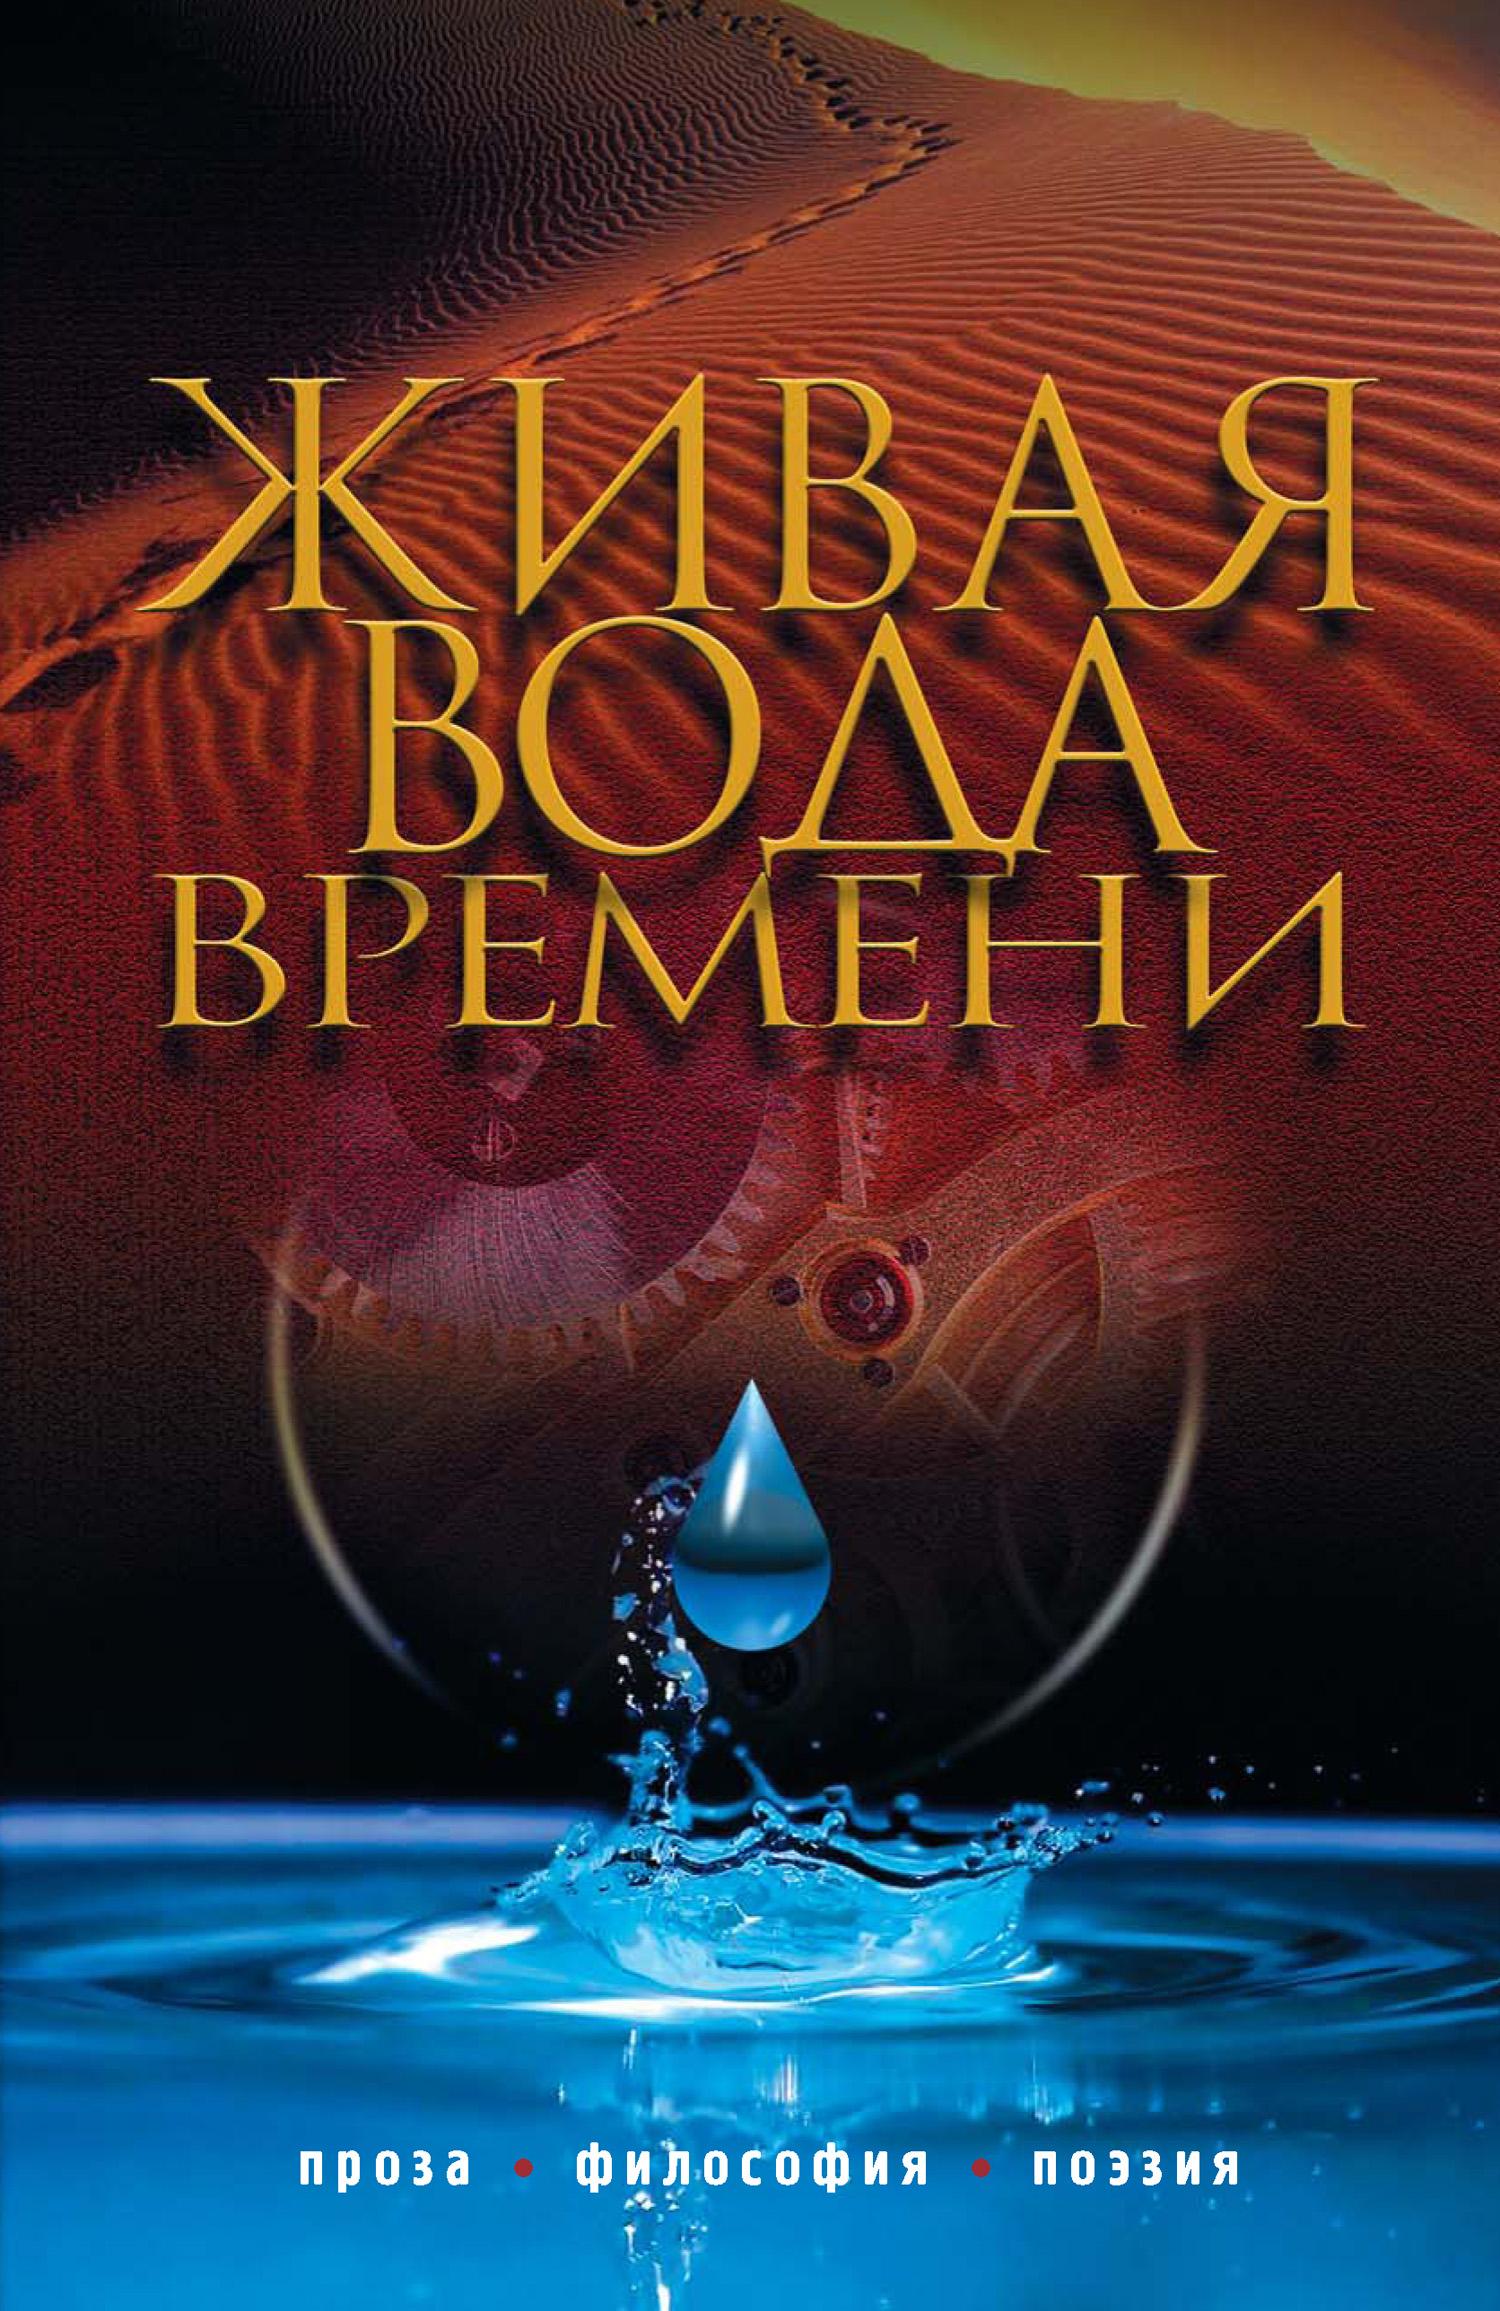 цена на Коллектив авторов Живая вода времени (сборник)